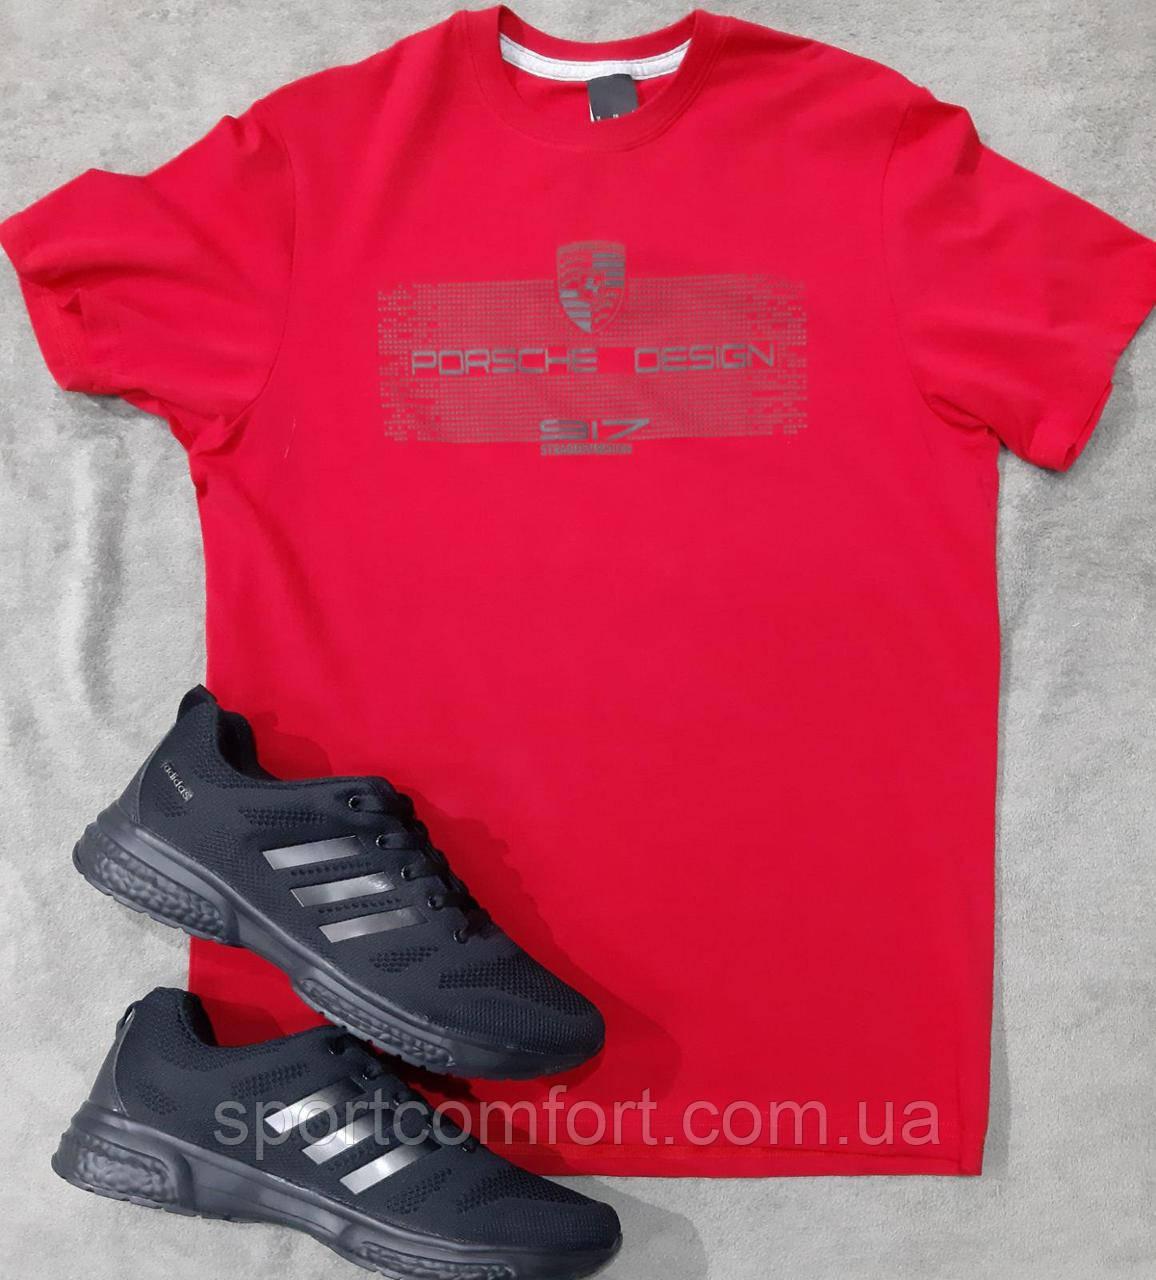 Мужская футболка Adidas Porsche краный, синий, черный, электрик, серый